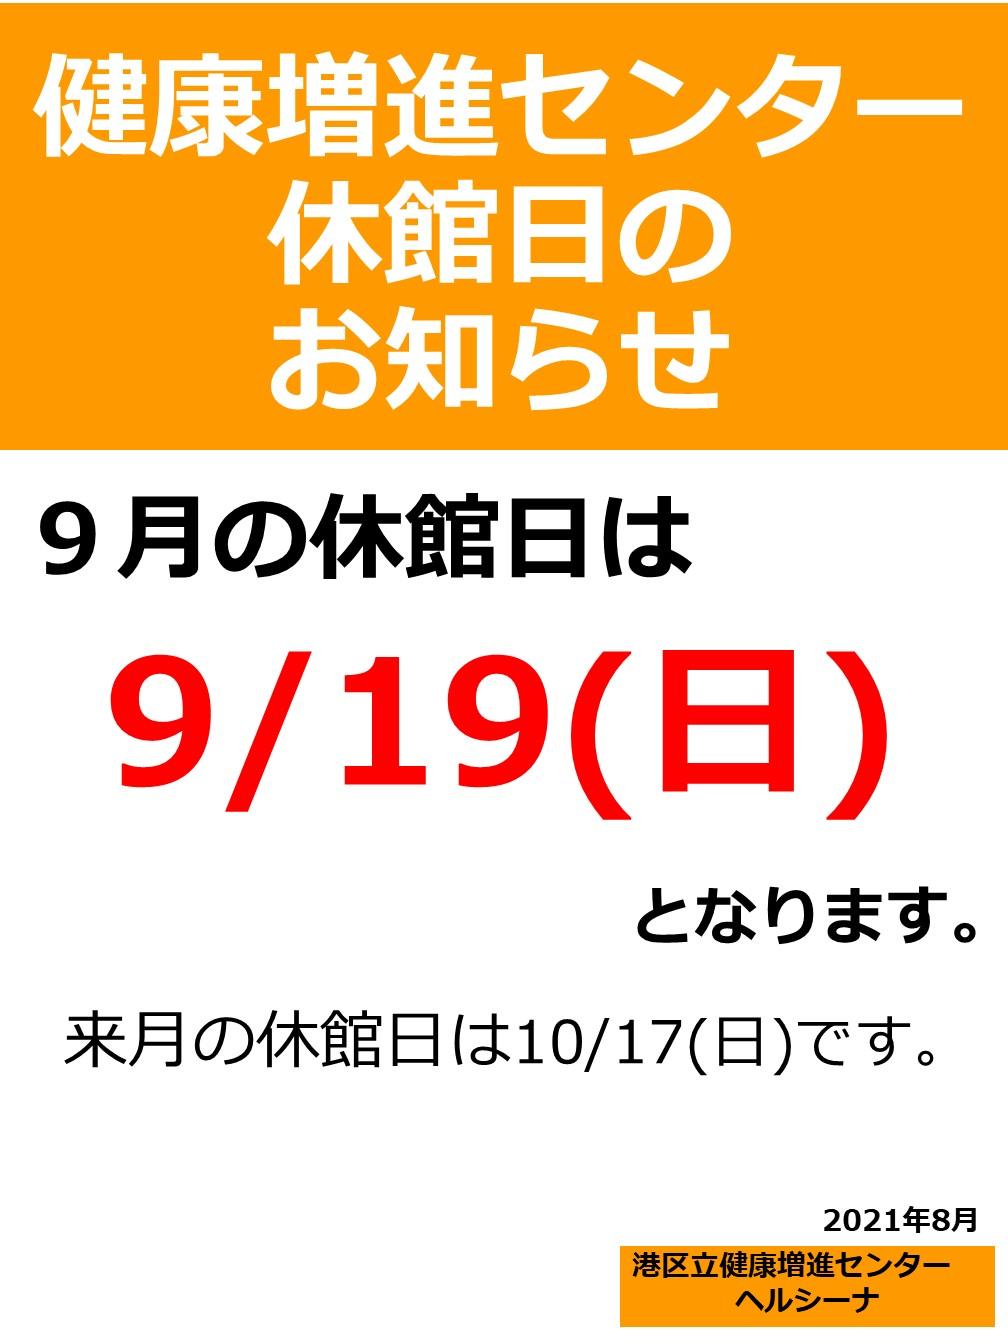 (掲示)(施設)休館日のおしらせ202109.jpg